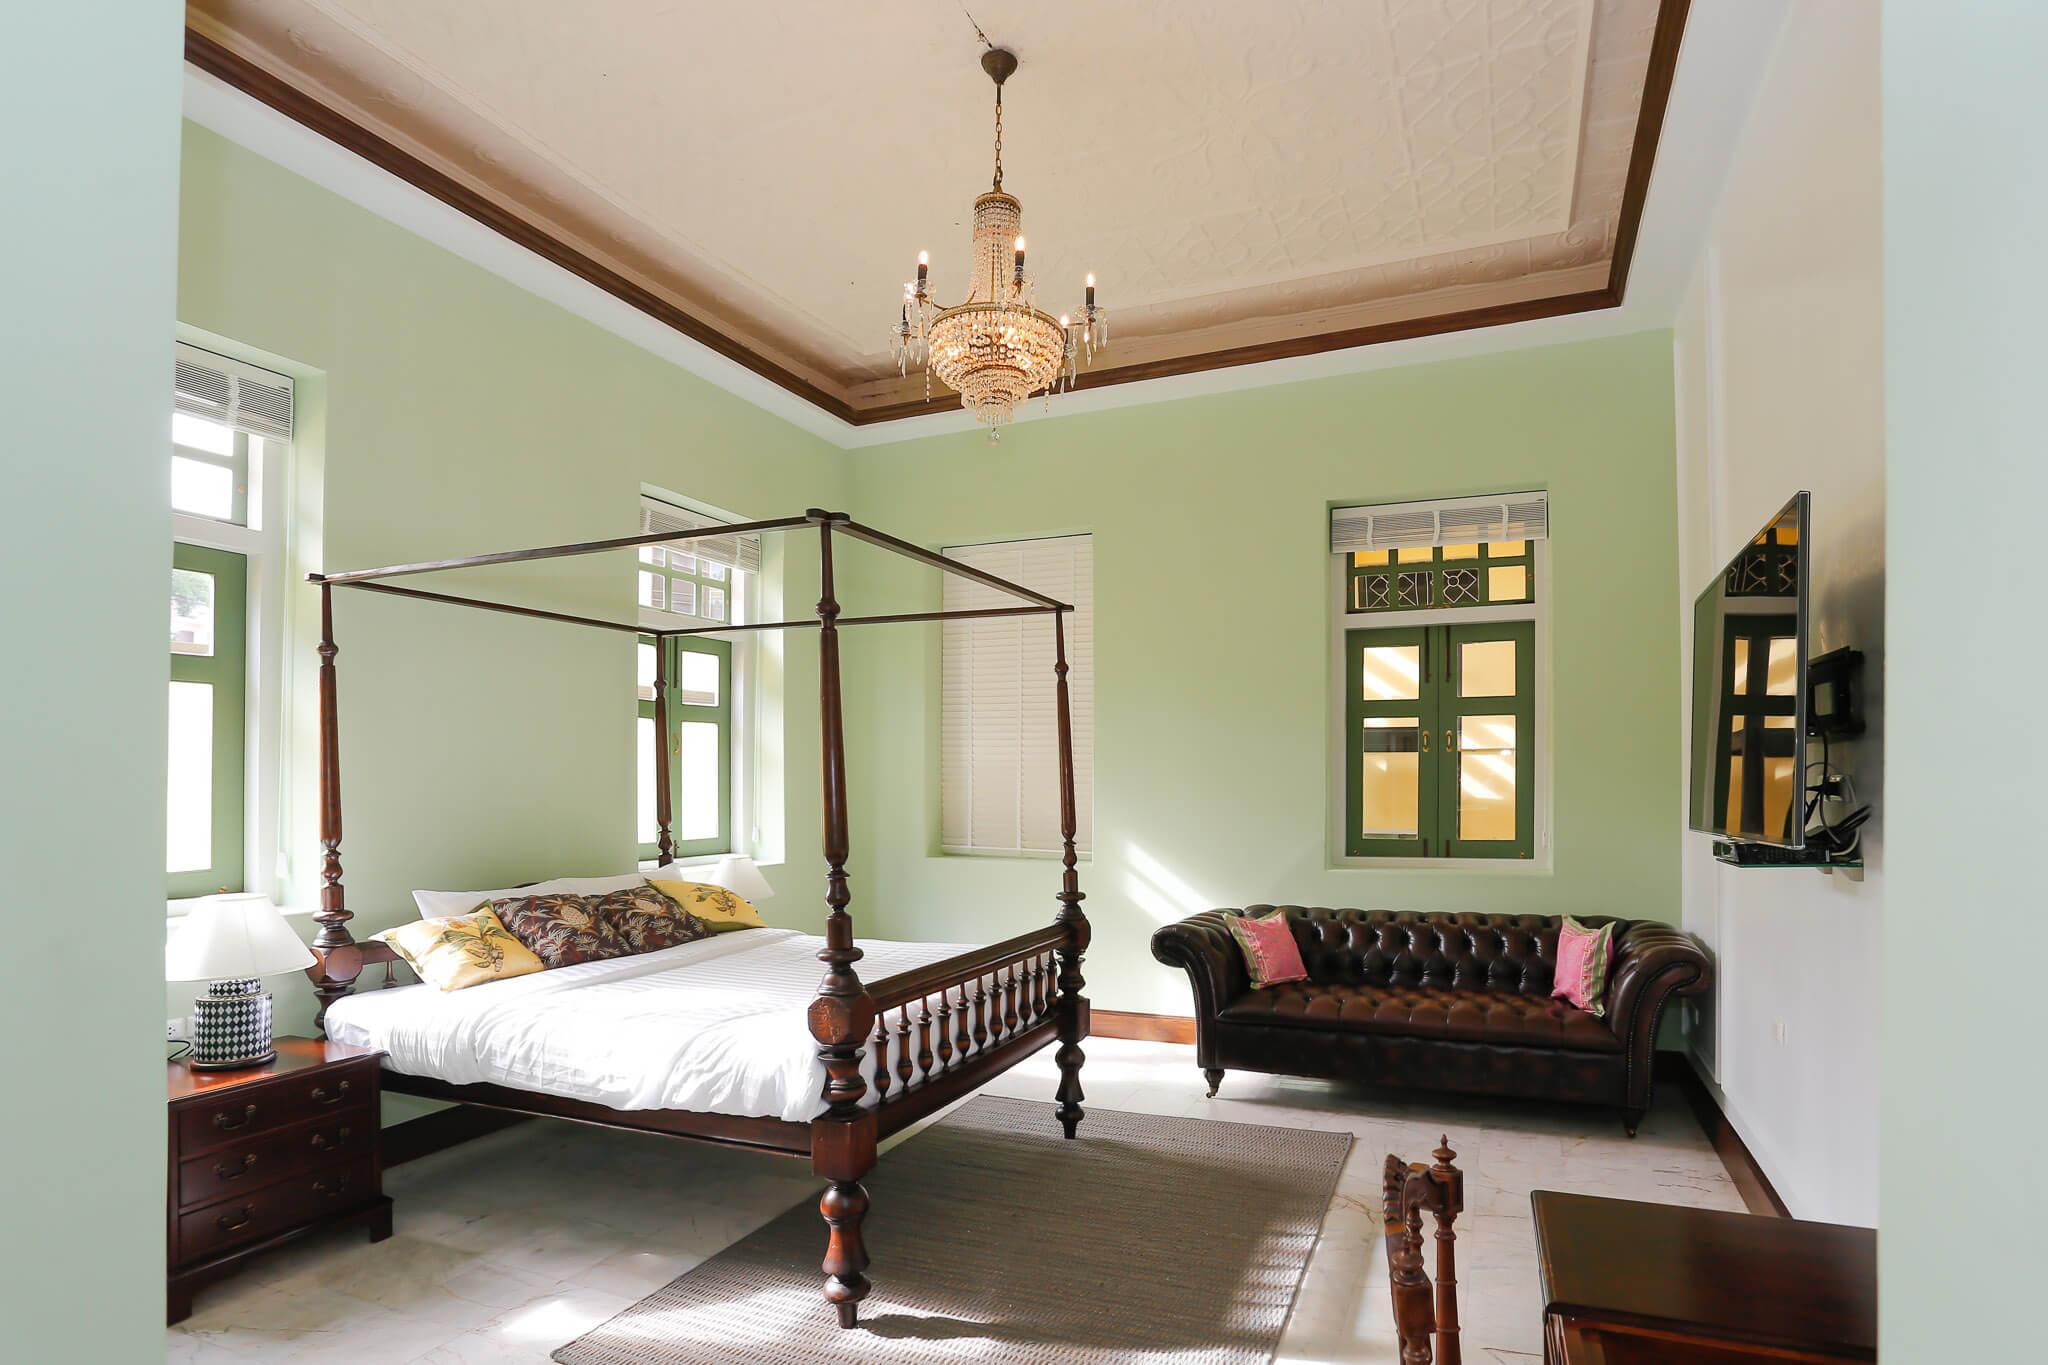 บ้าน 2459 (BAAN 2459) รร.สถาปัตยกรรมชิโนโปรตุกีสยุค ร.๖ ในเยาวราช พร้อมร้านกาแฟน่าแวะถ่ายรูป 31 -